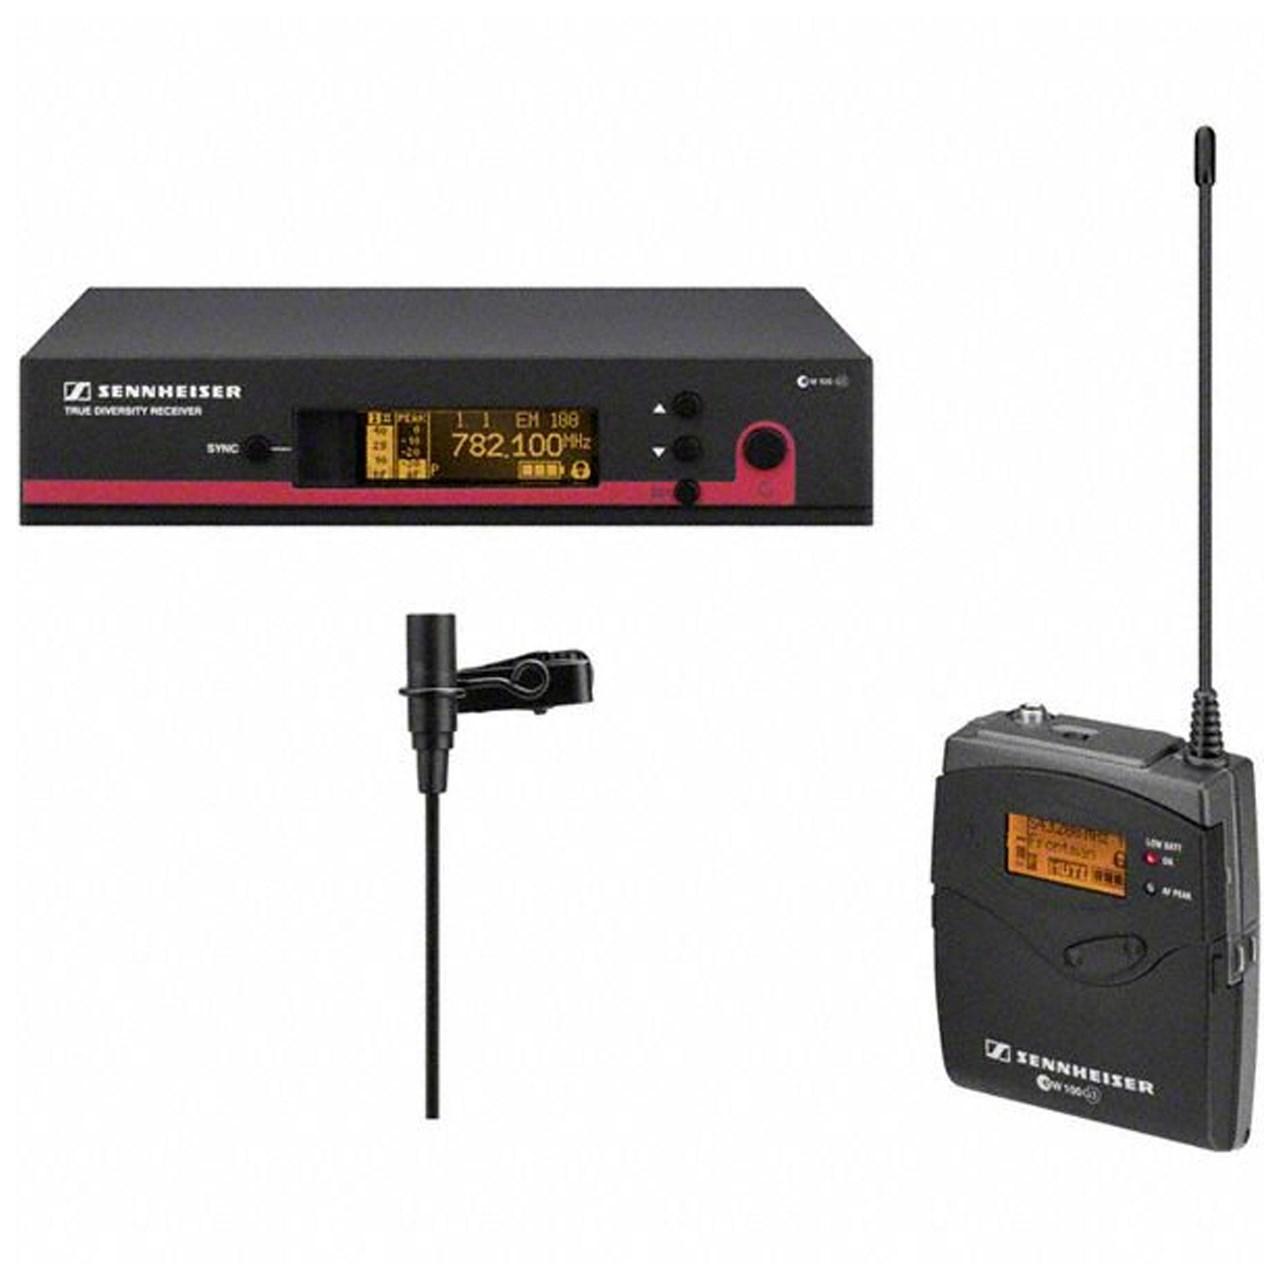 سیستم میکروفون بی سیم سنهایزر مدل ew 112G3